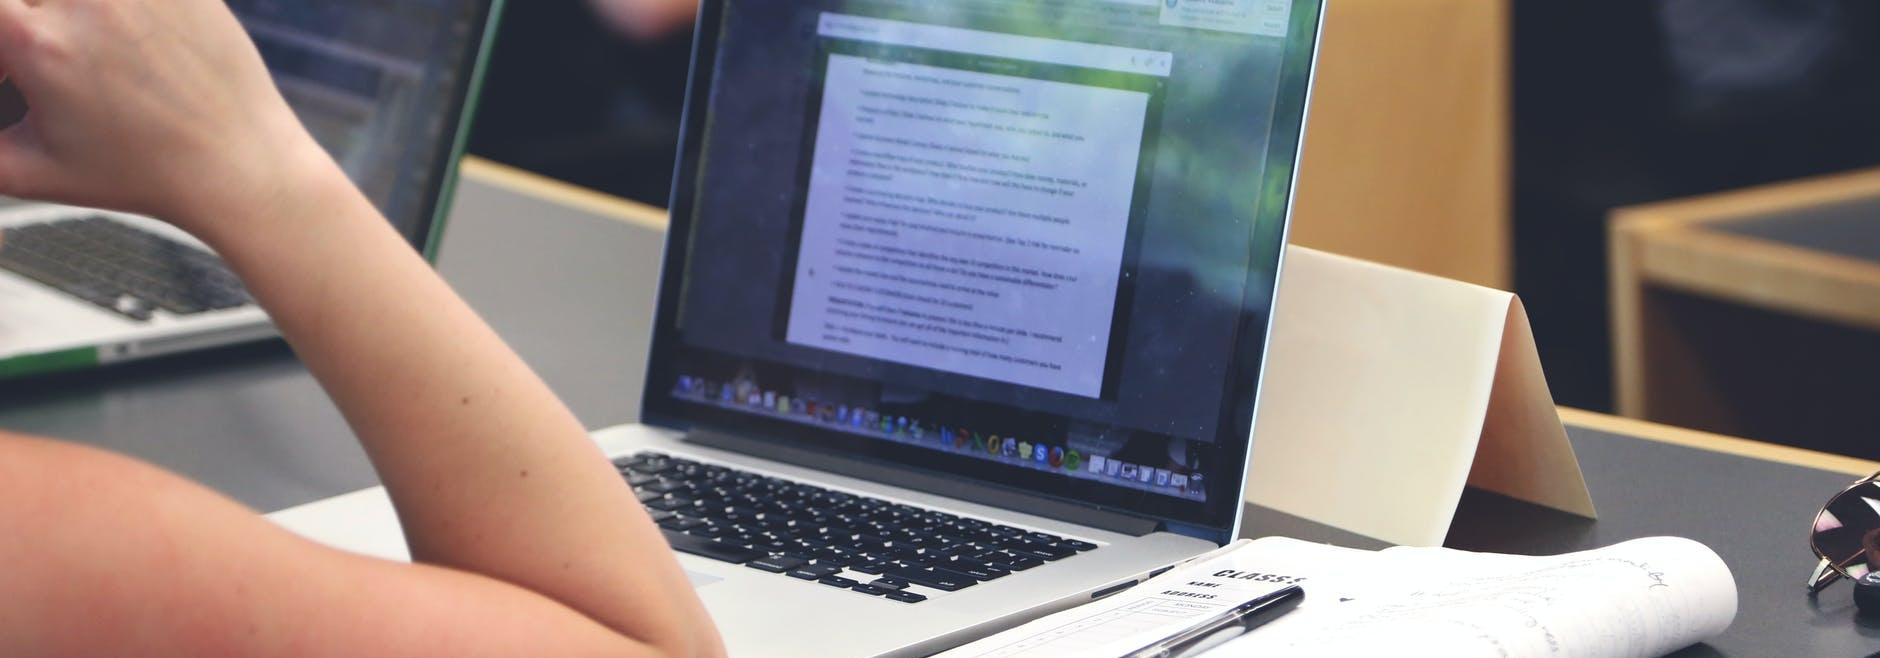 Договор в электронной форме: законодательный порядок заключения.